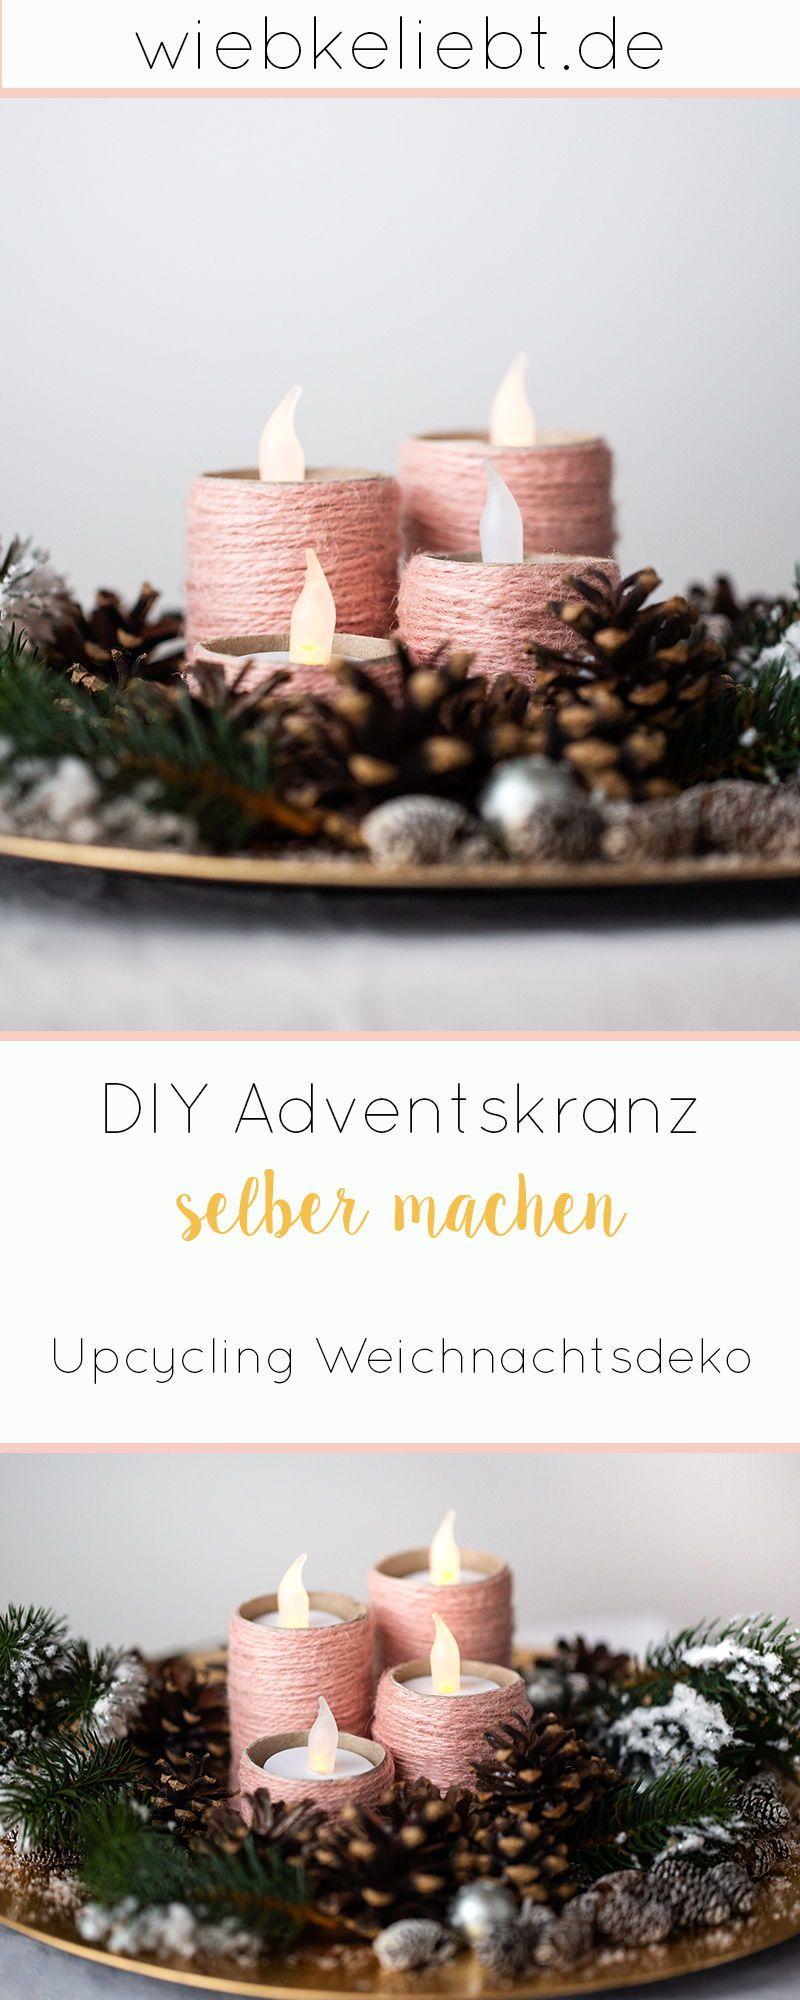 Photo of Adventskranz aus Klopapierrollen basteln – DIY Weihnachten | DIY Blog | Do-it-yourself Anleitungen zum Selbermachen | Wiebkeliebt